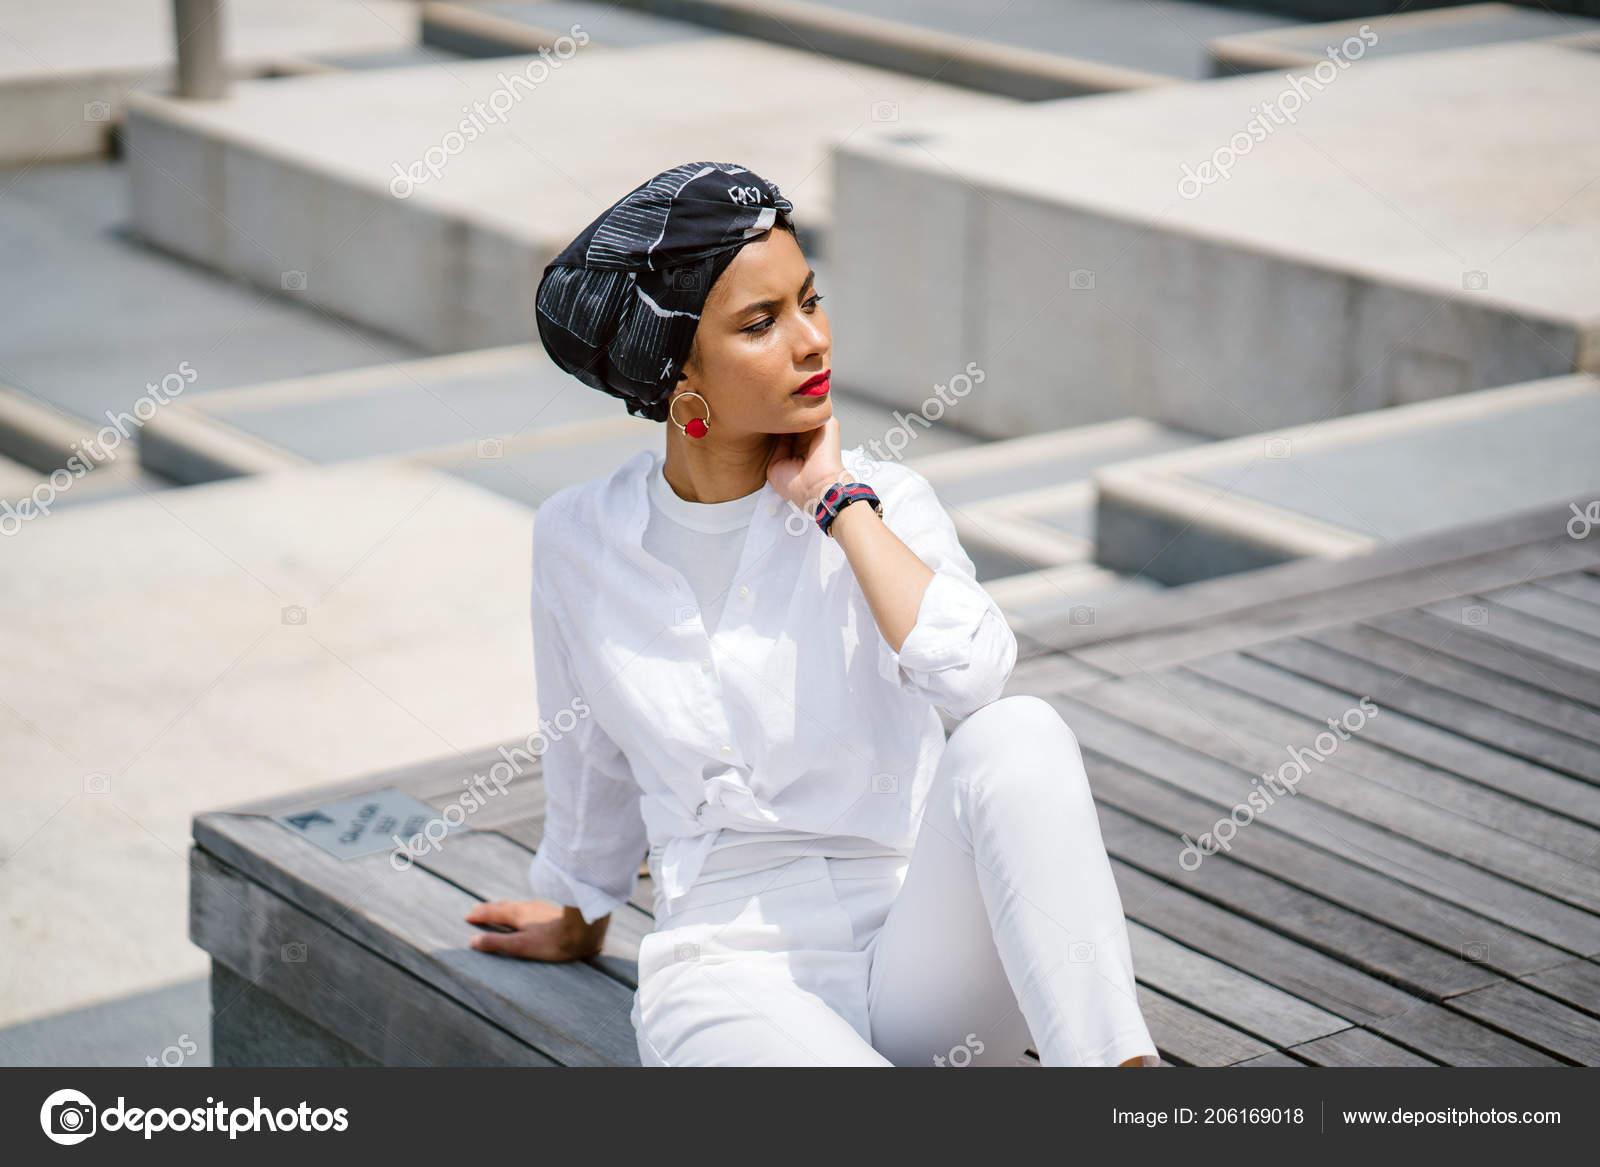 c17a1a960f9 Portrait Une Jeune Femme Musulmane Portant Turban Foulard Hijab Elle ...